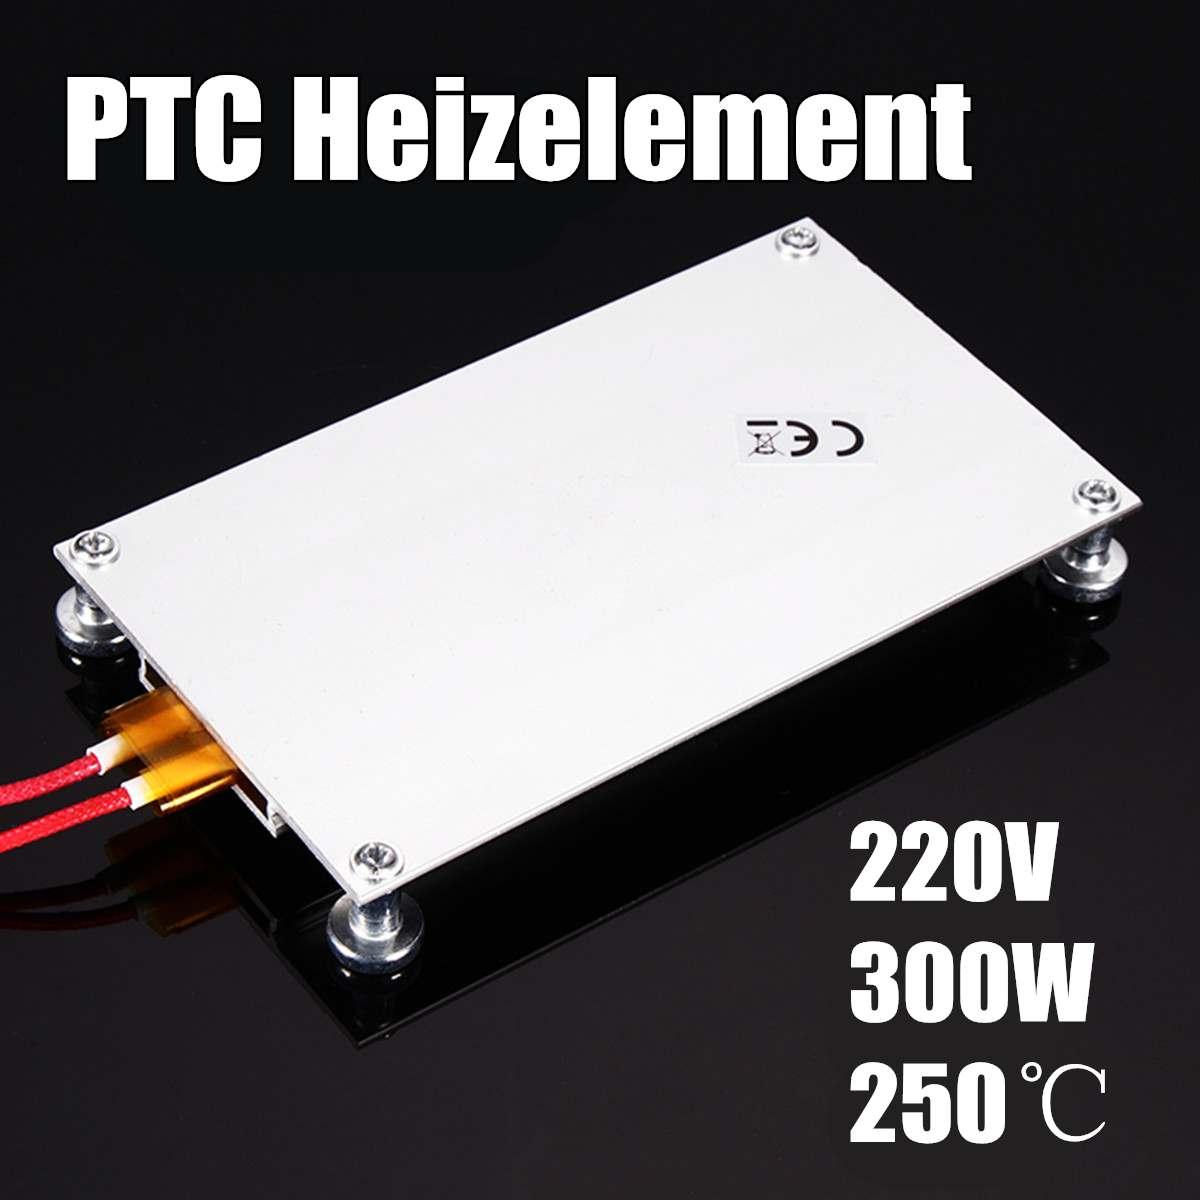 220V 300W LED Remover PTC Heating Soldering Chip Welding Station Split Plate Sheet Board Welding Equipment Tools Solder